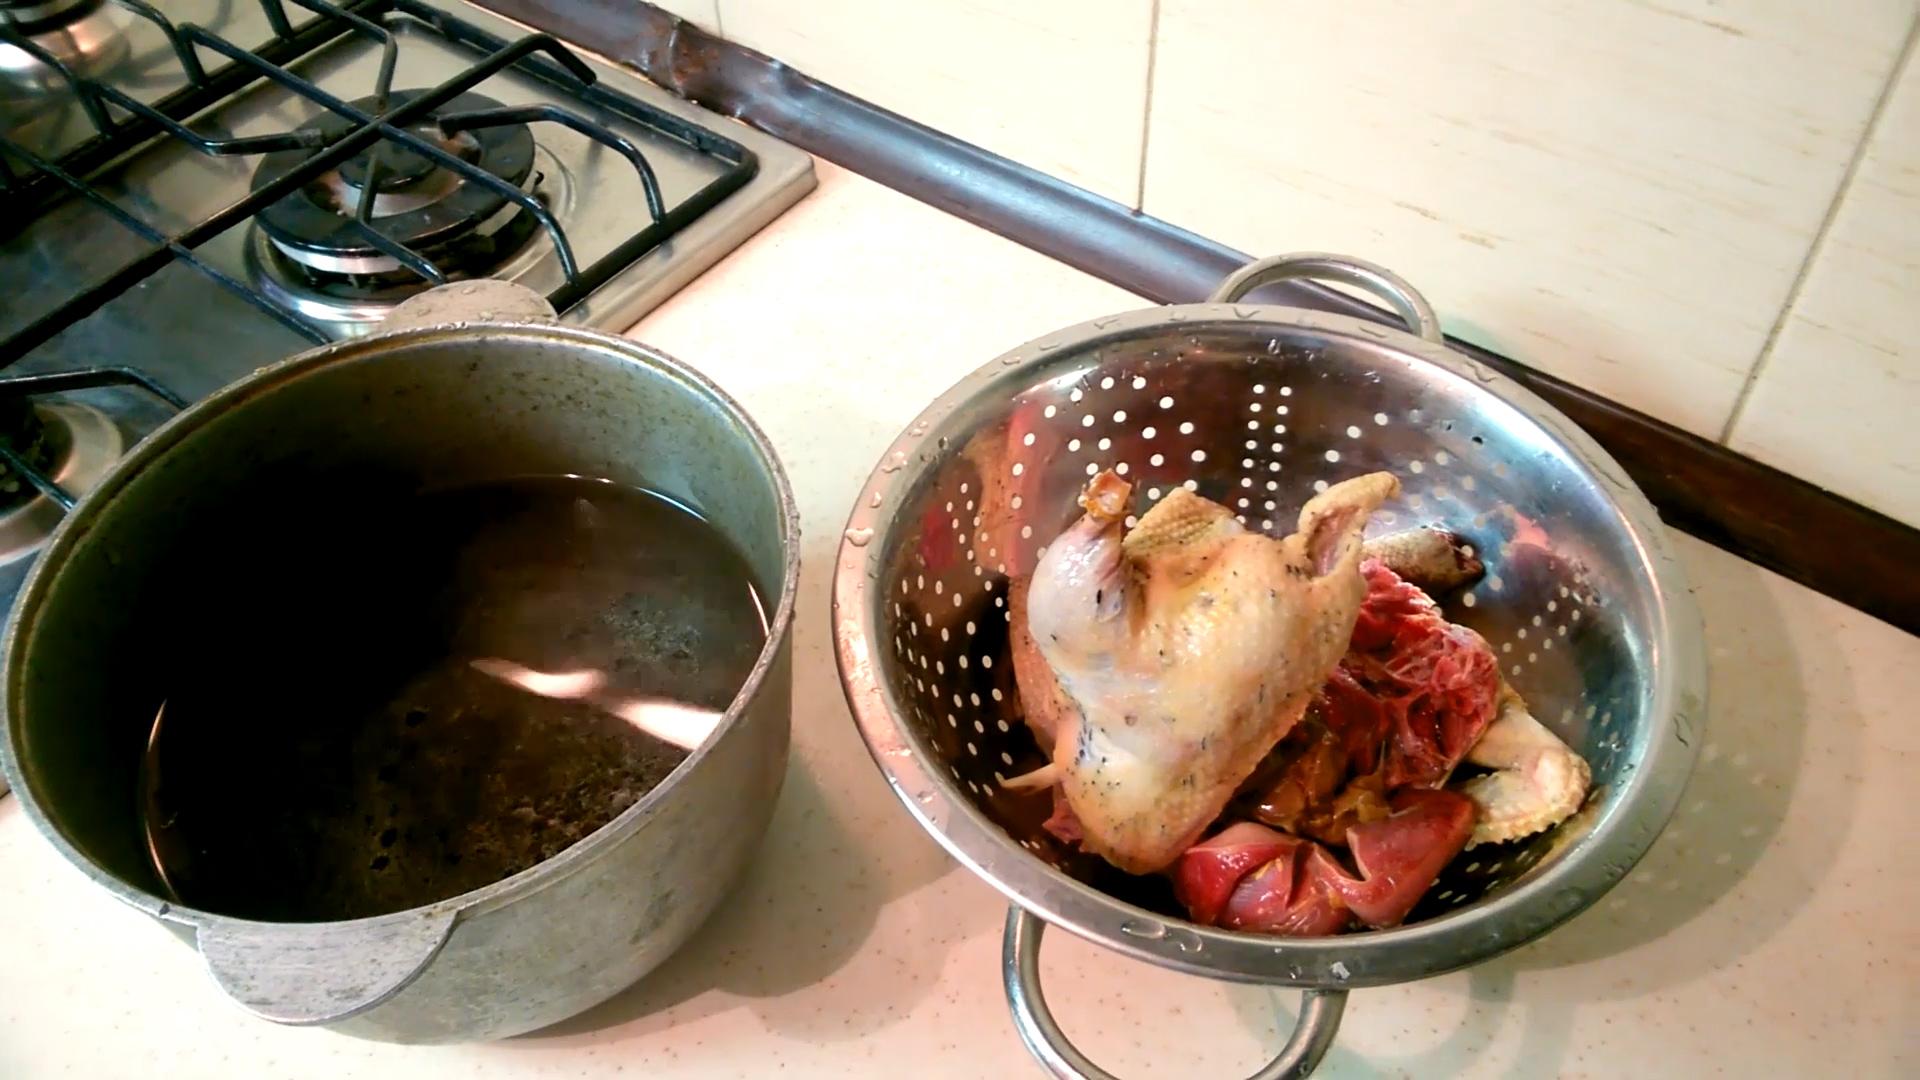 підготовка м'яса